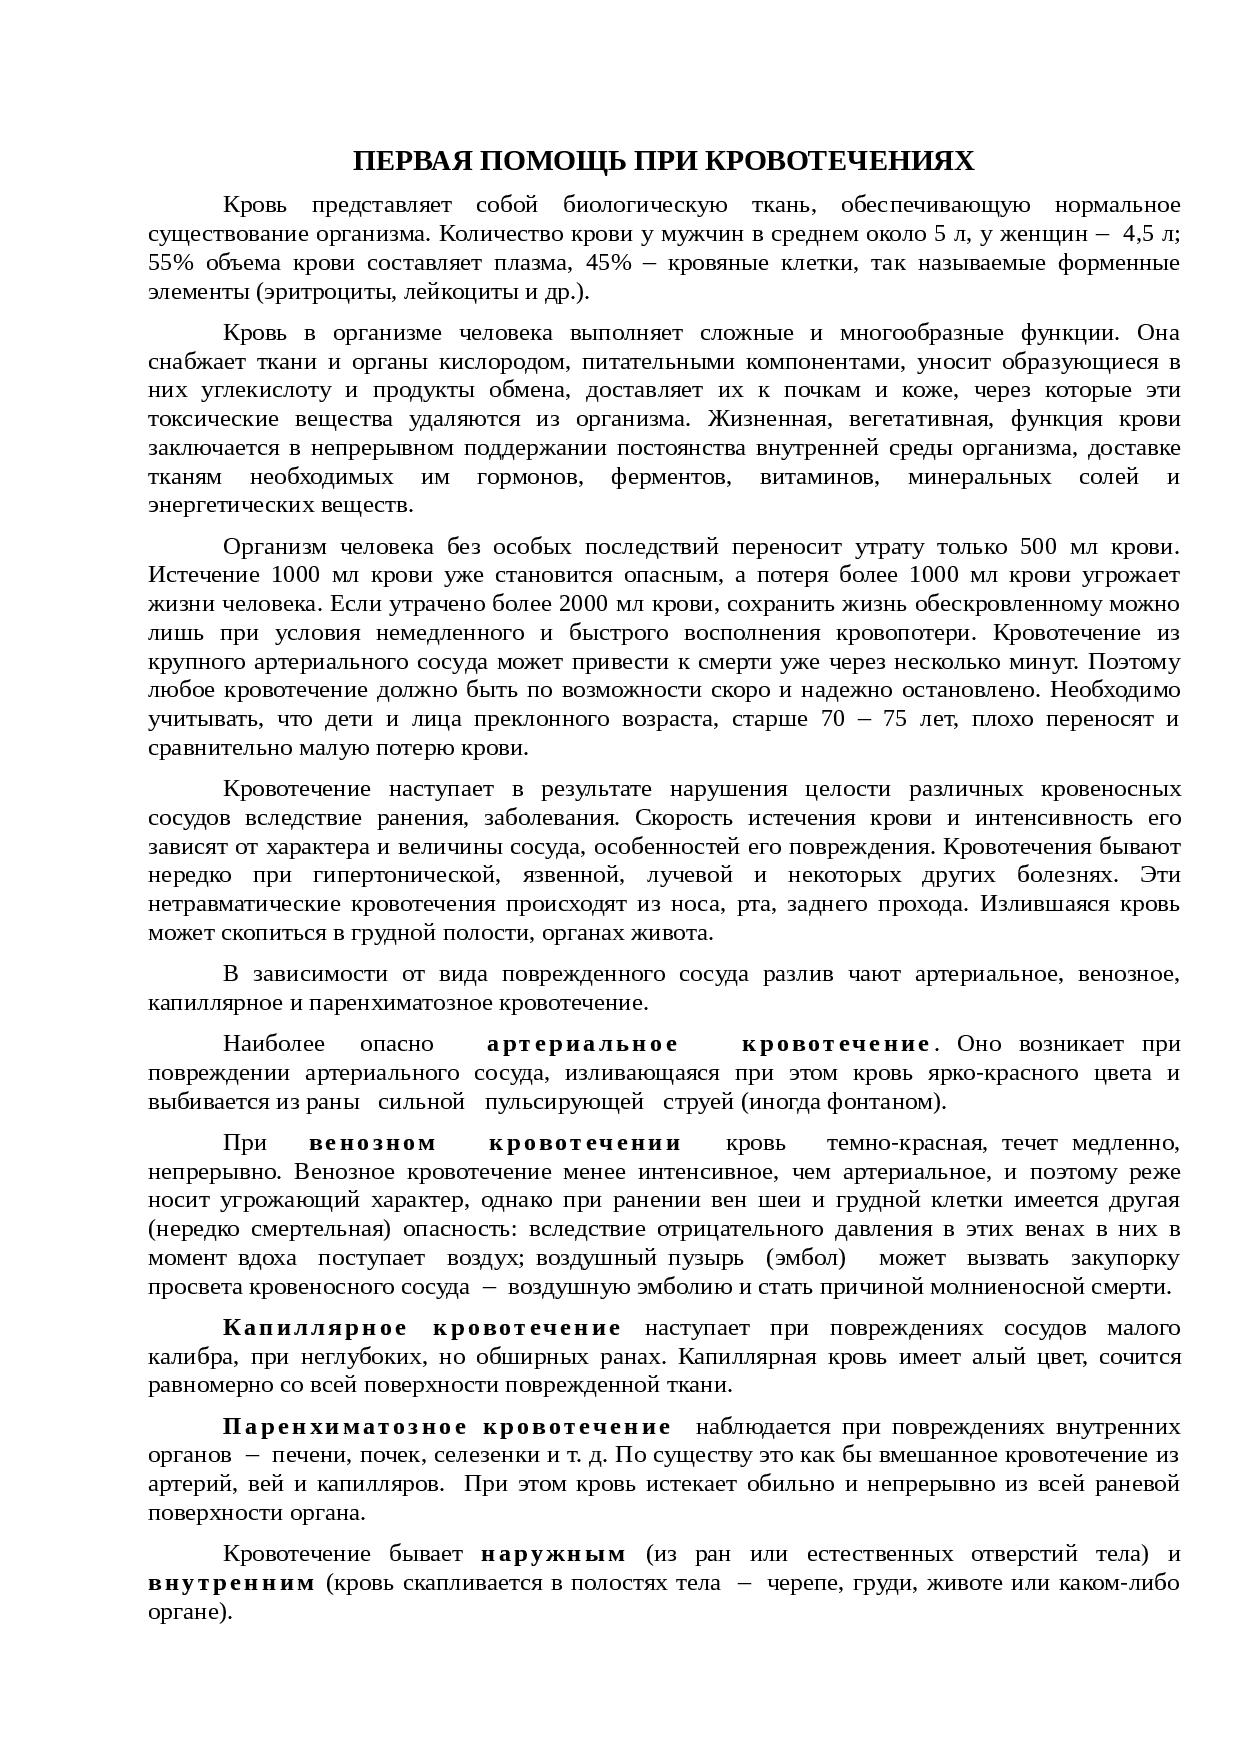 Основы безопасности жизнедеятельности11 класс